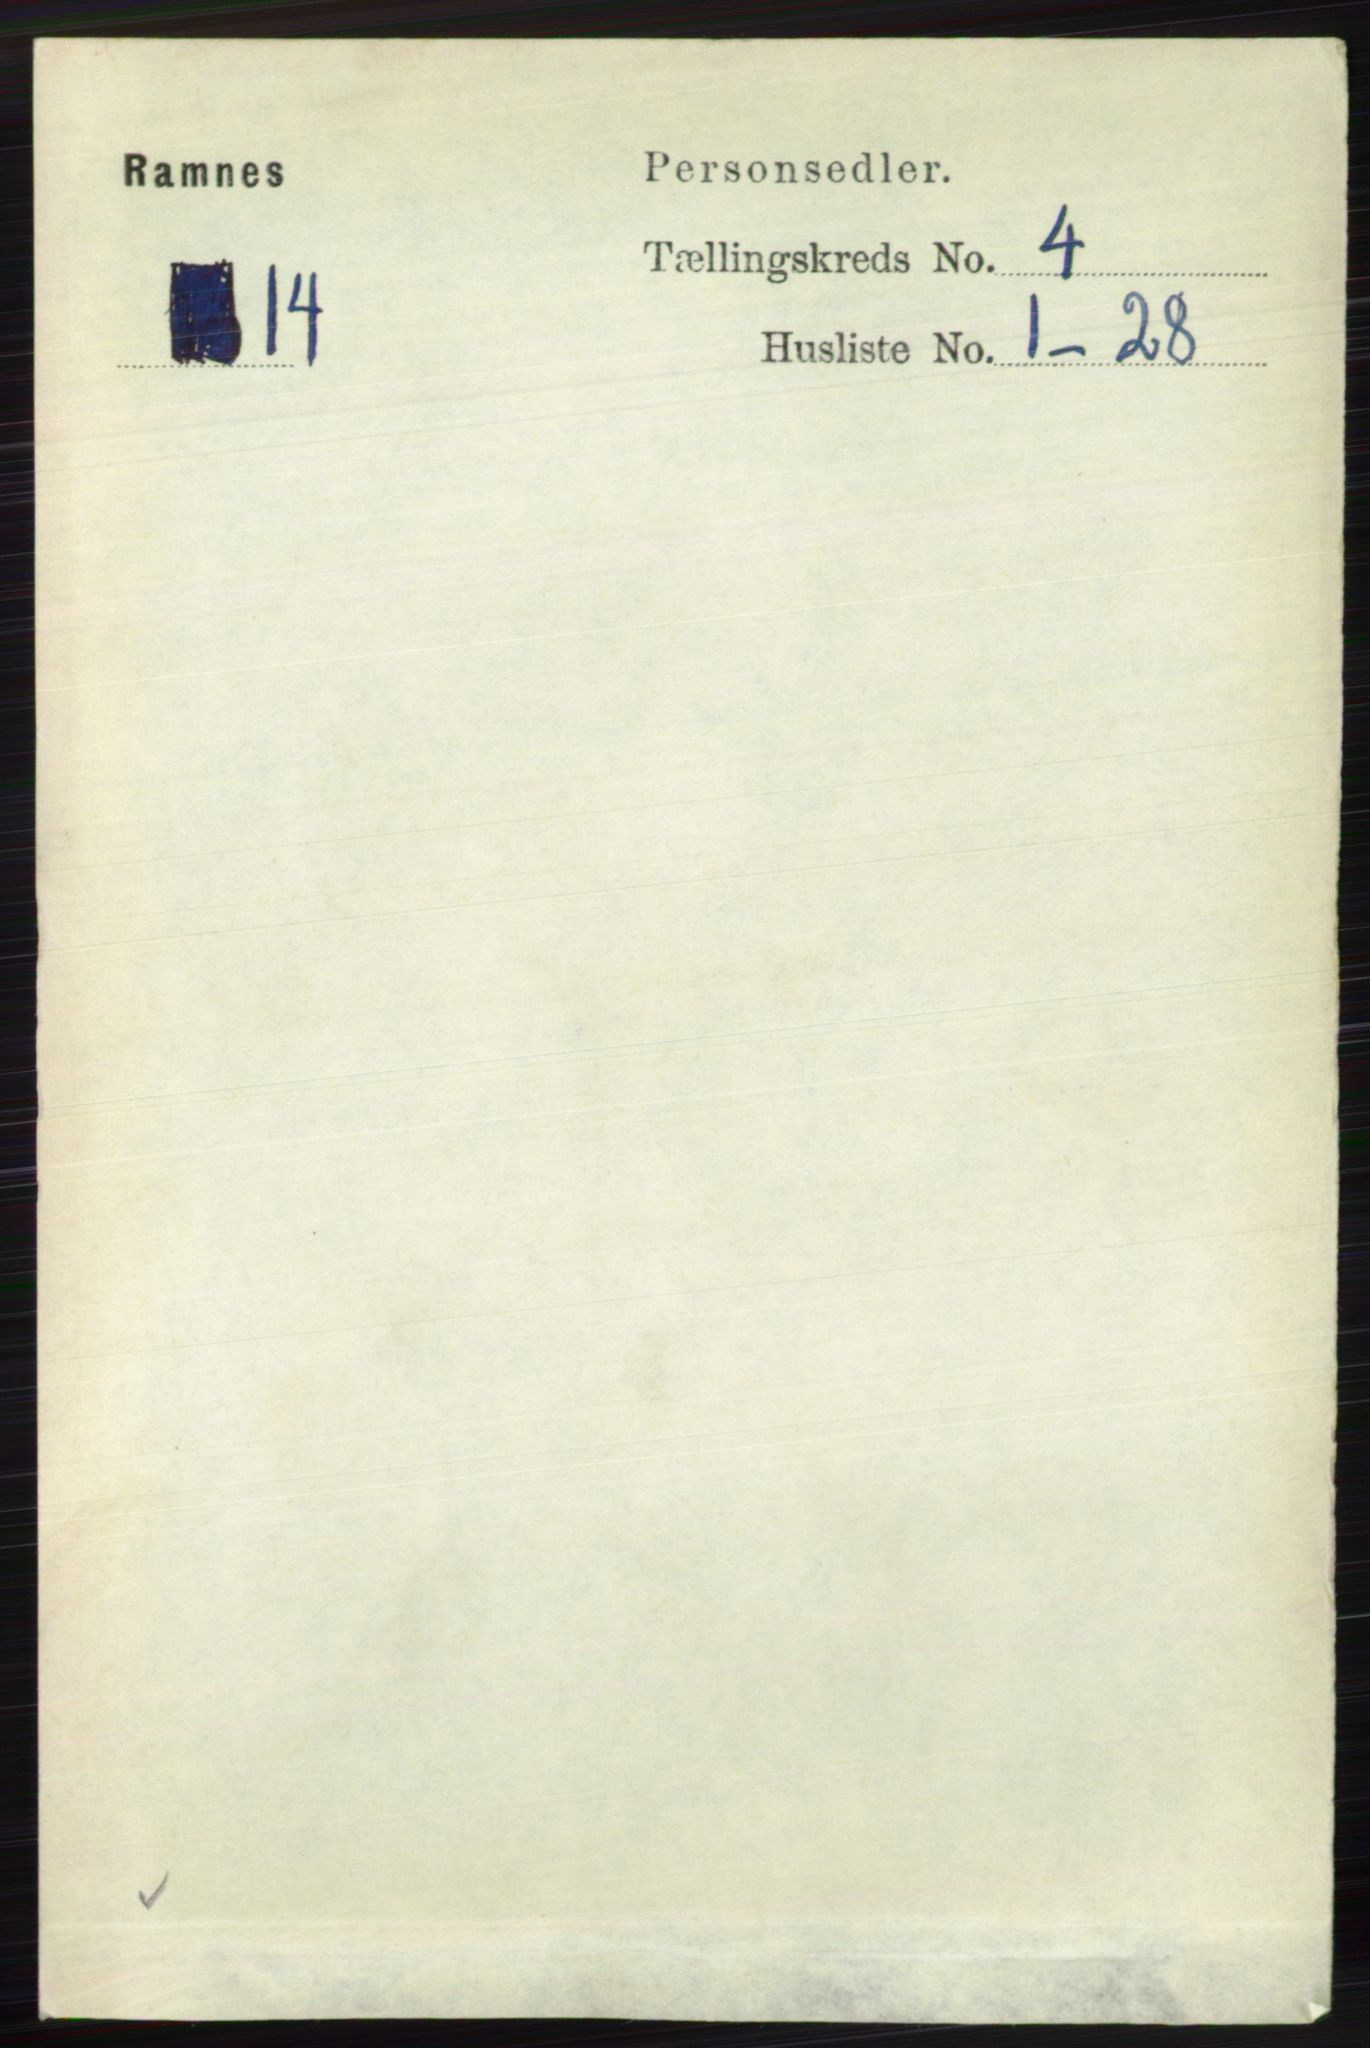 RA, Folketelling 1891 for 0718 Ramnes herred, 1891, s. 1948